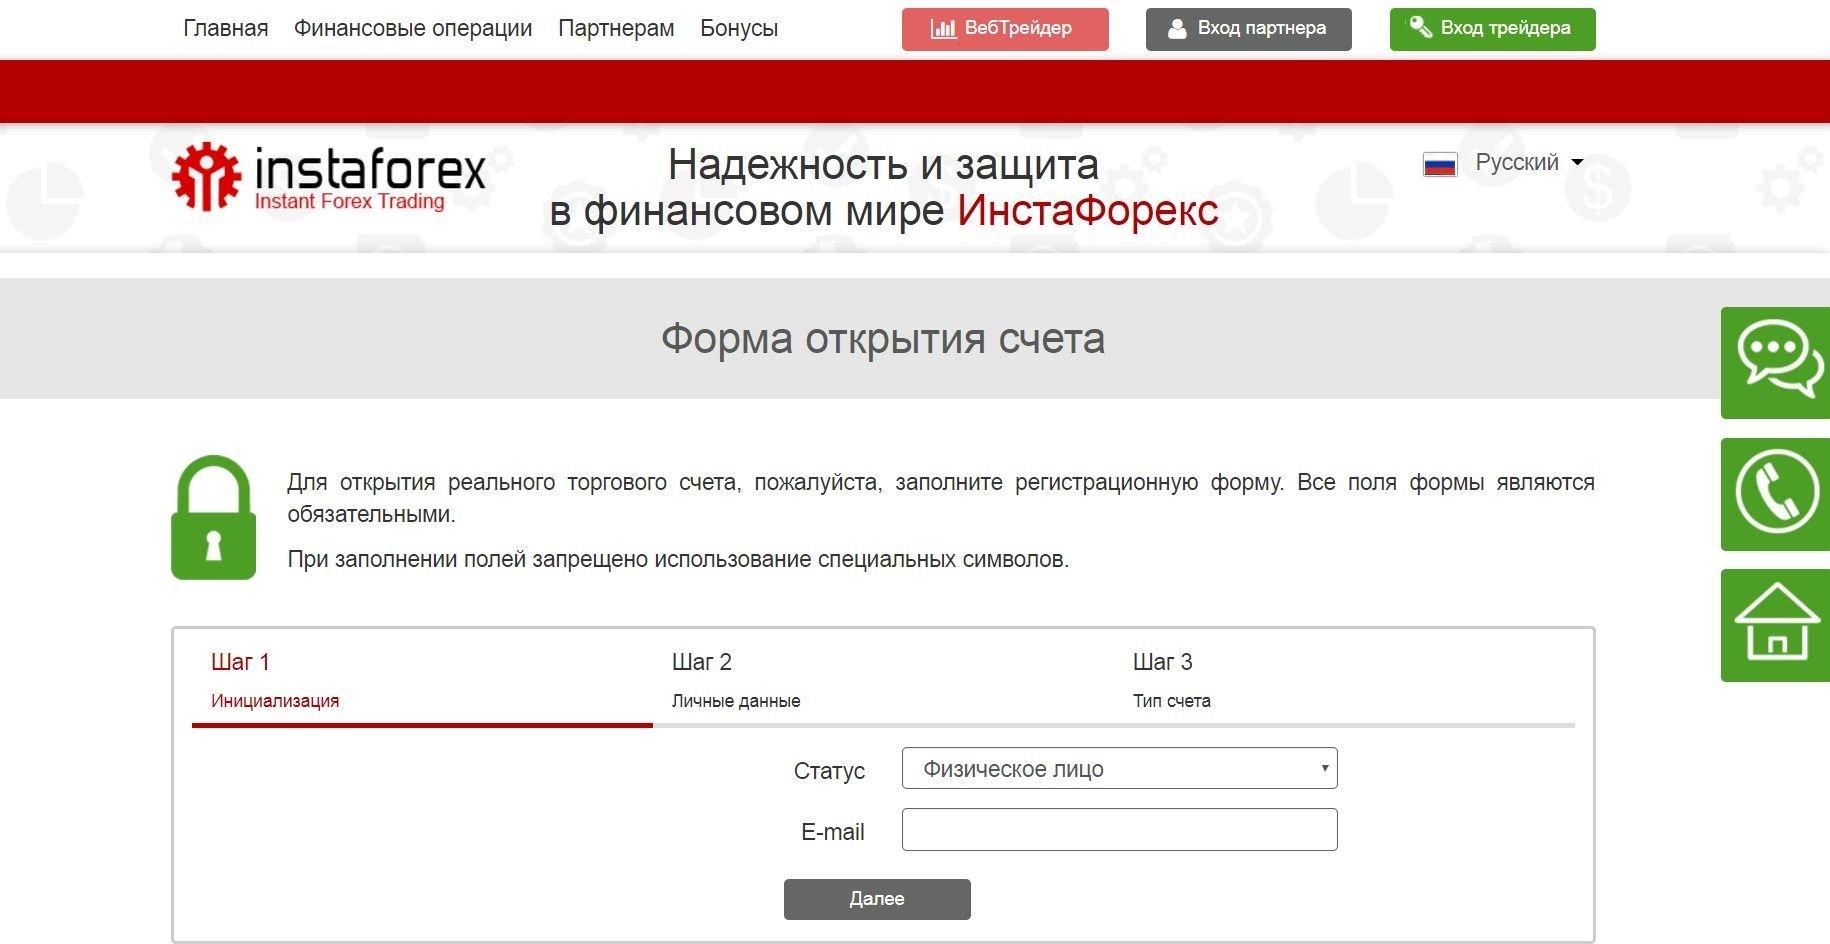 ИнстаФорекс: укажите указать необходимую информацию для открытия счета